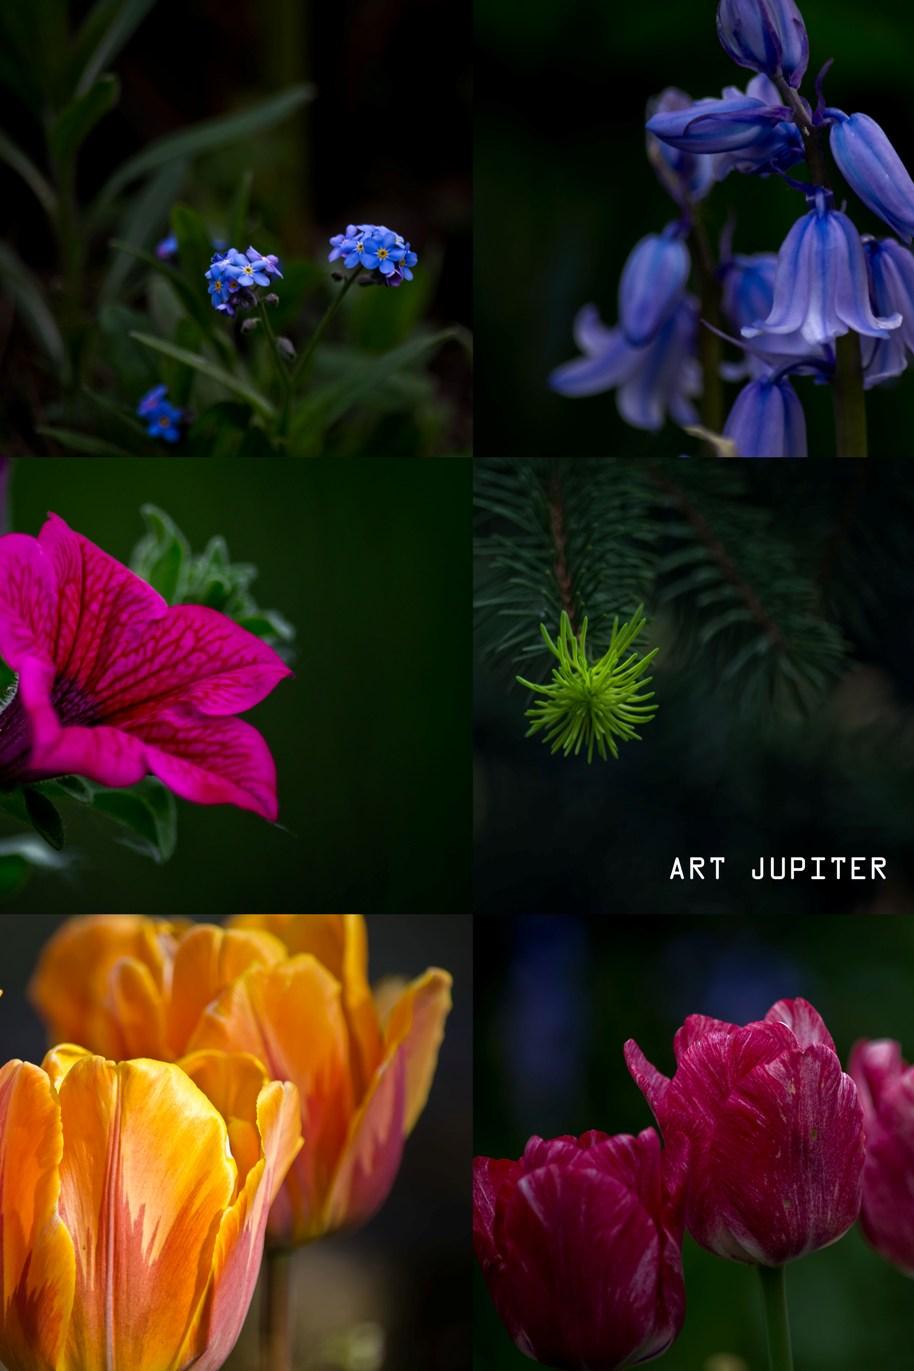 Art Jupiter